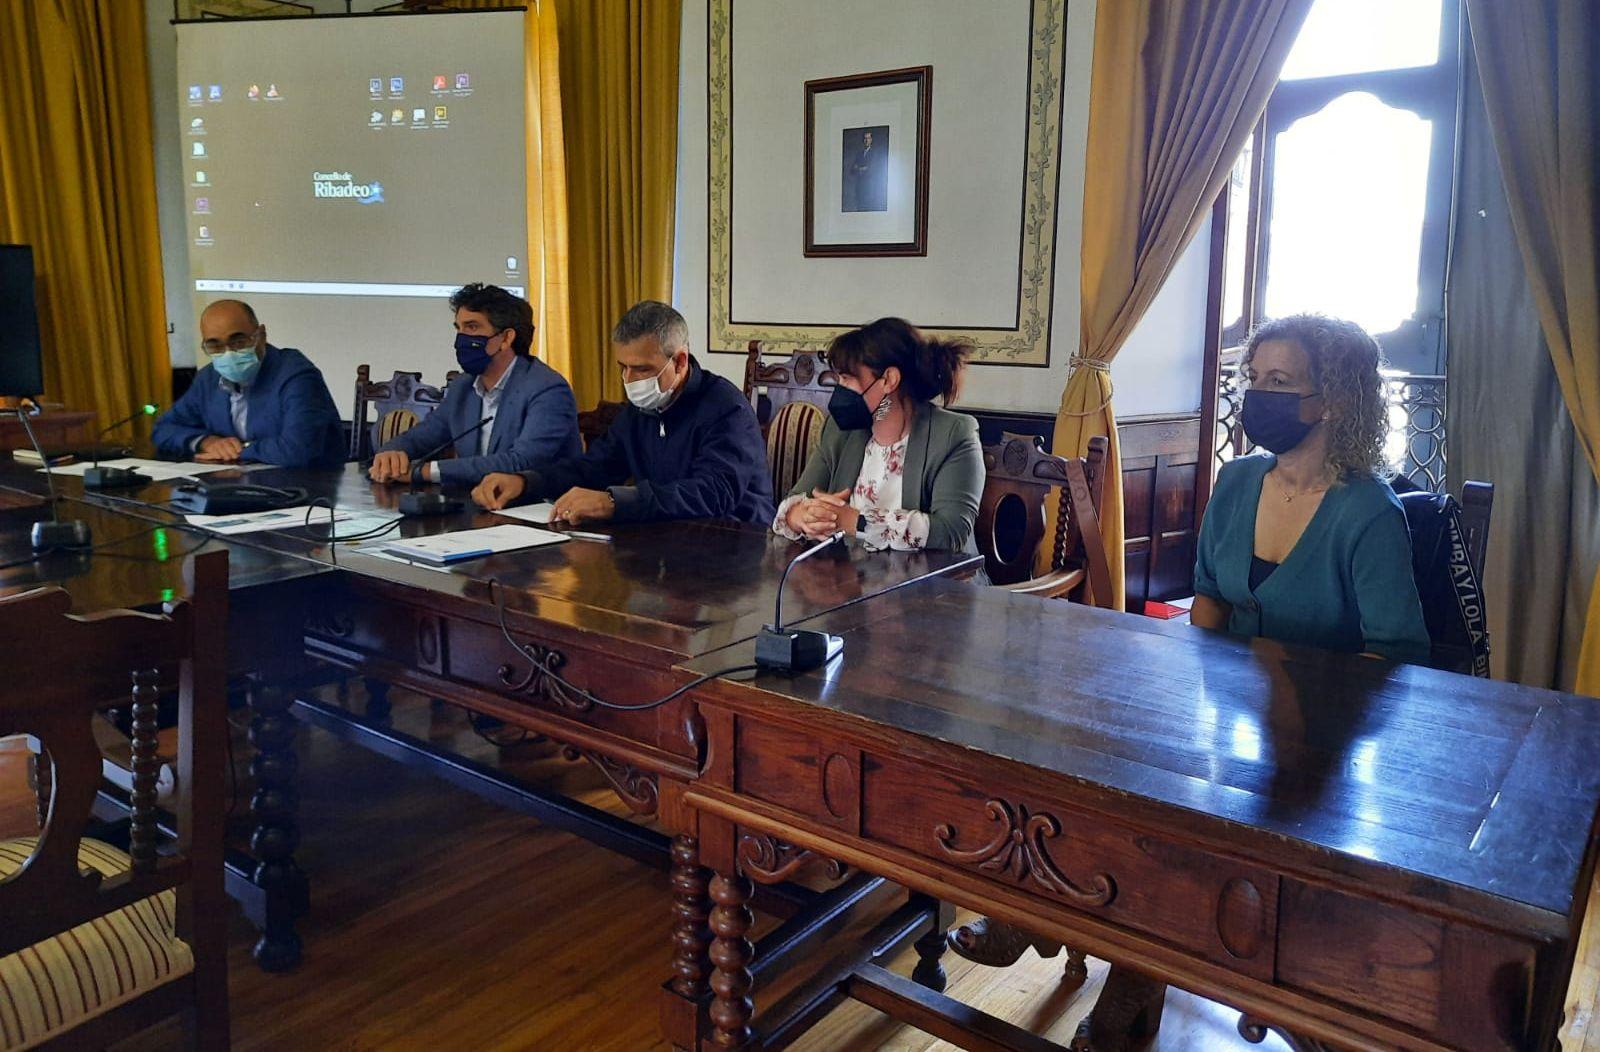 Clausurado o obradoiro de emprego Vencellos da Memoria promovido polos concellos de Ribadeo e Barreiros